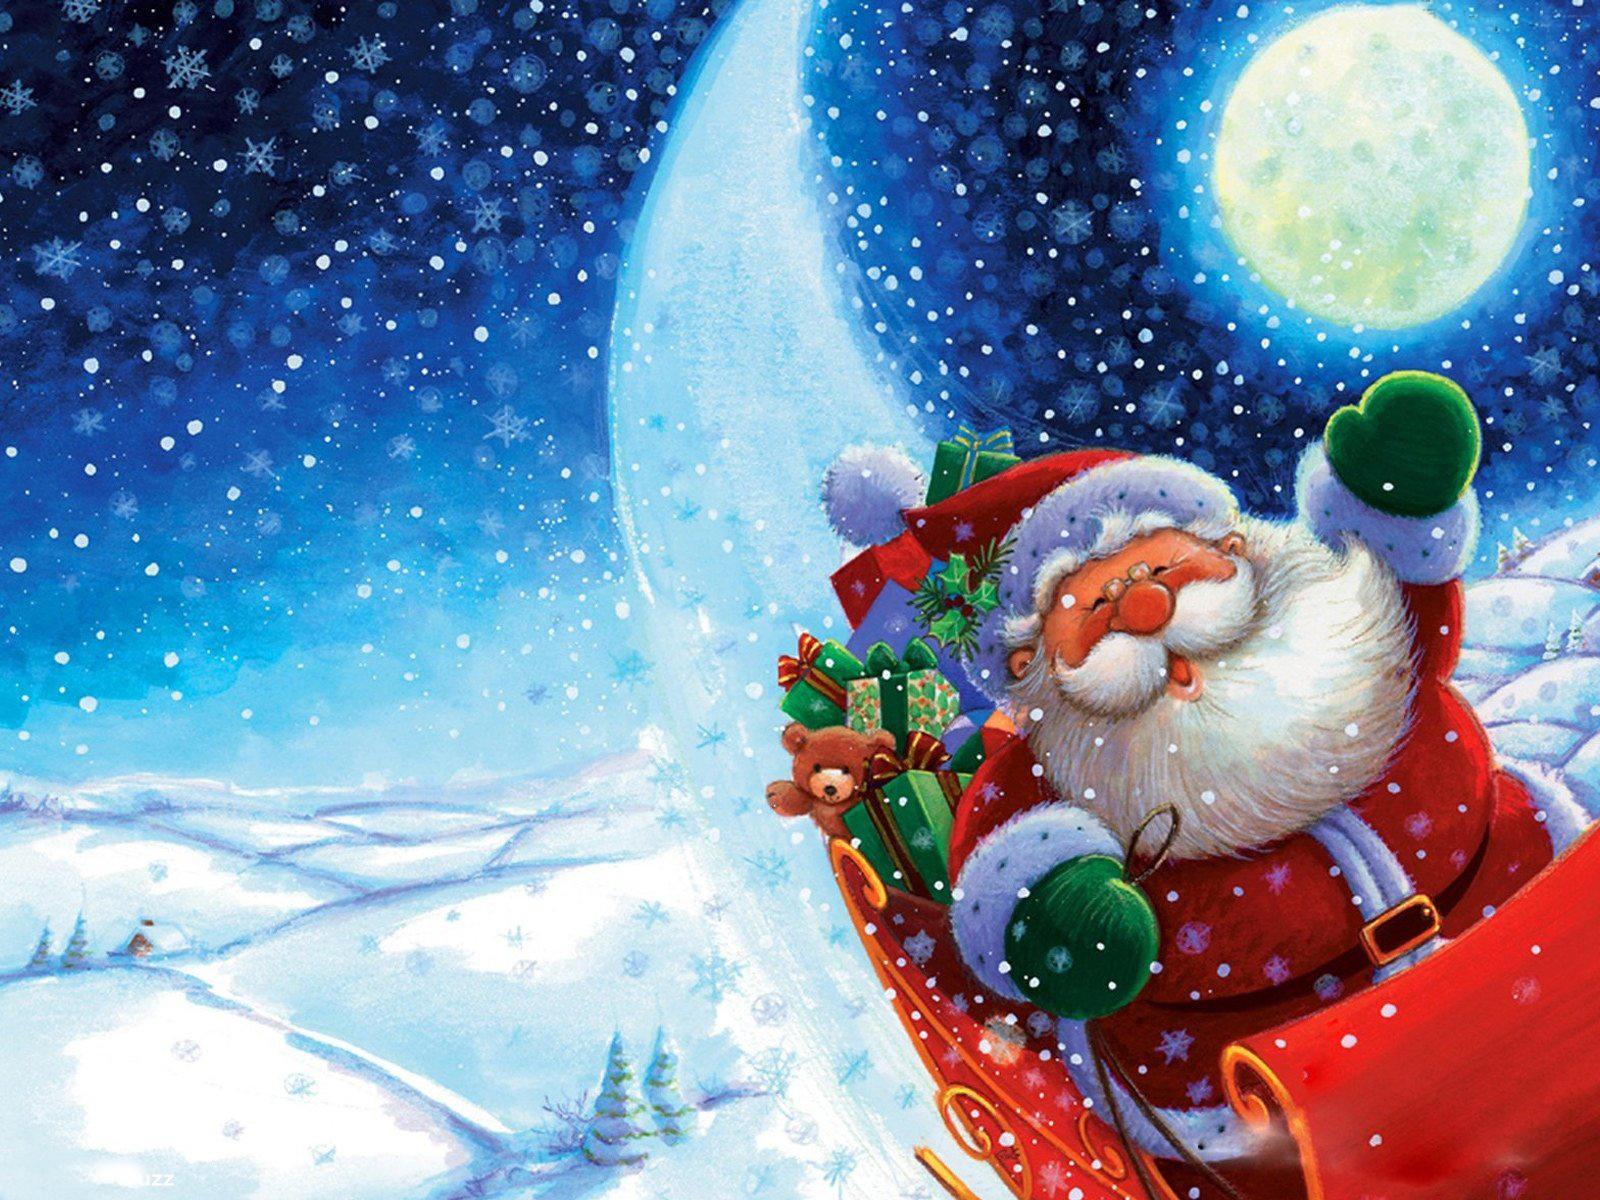 http://2.bp.blogspot.com/-Rf4NlbyClN4/TvEPh4PLpdI/AAAAAAAARZo/SBR6hNAlD-A/s1600/Santa-Sleighing-Funny-Wallpaper.jpg